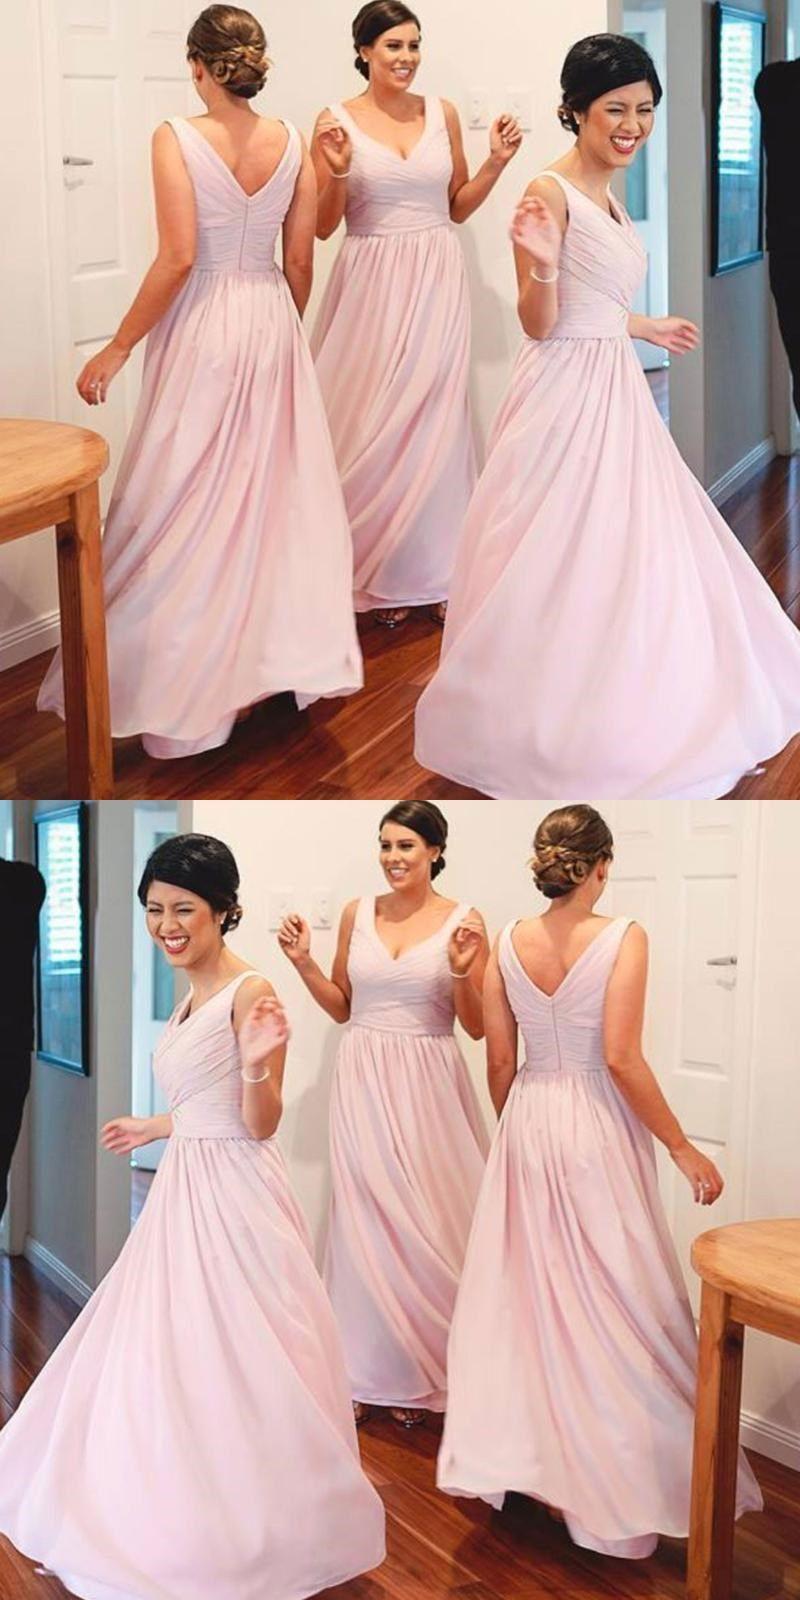 A Line Chiffon Plus Size Bridesmaid Dresses Light Pink Wedding Party Dresses Vestidos Dress Plus Size [ 1600 x 800 Pixel ]